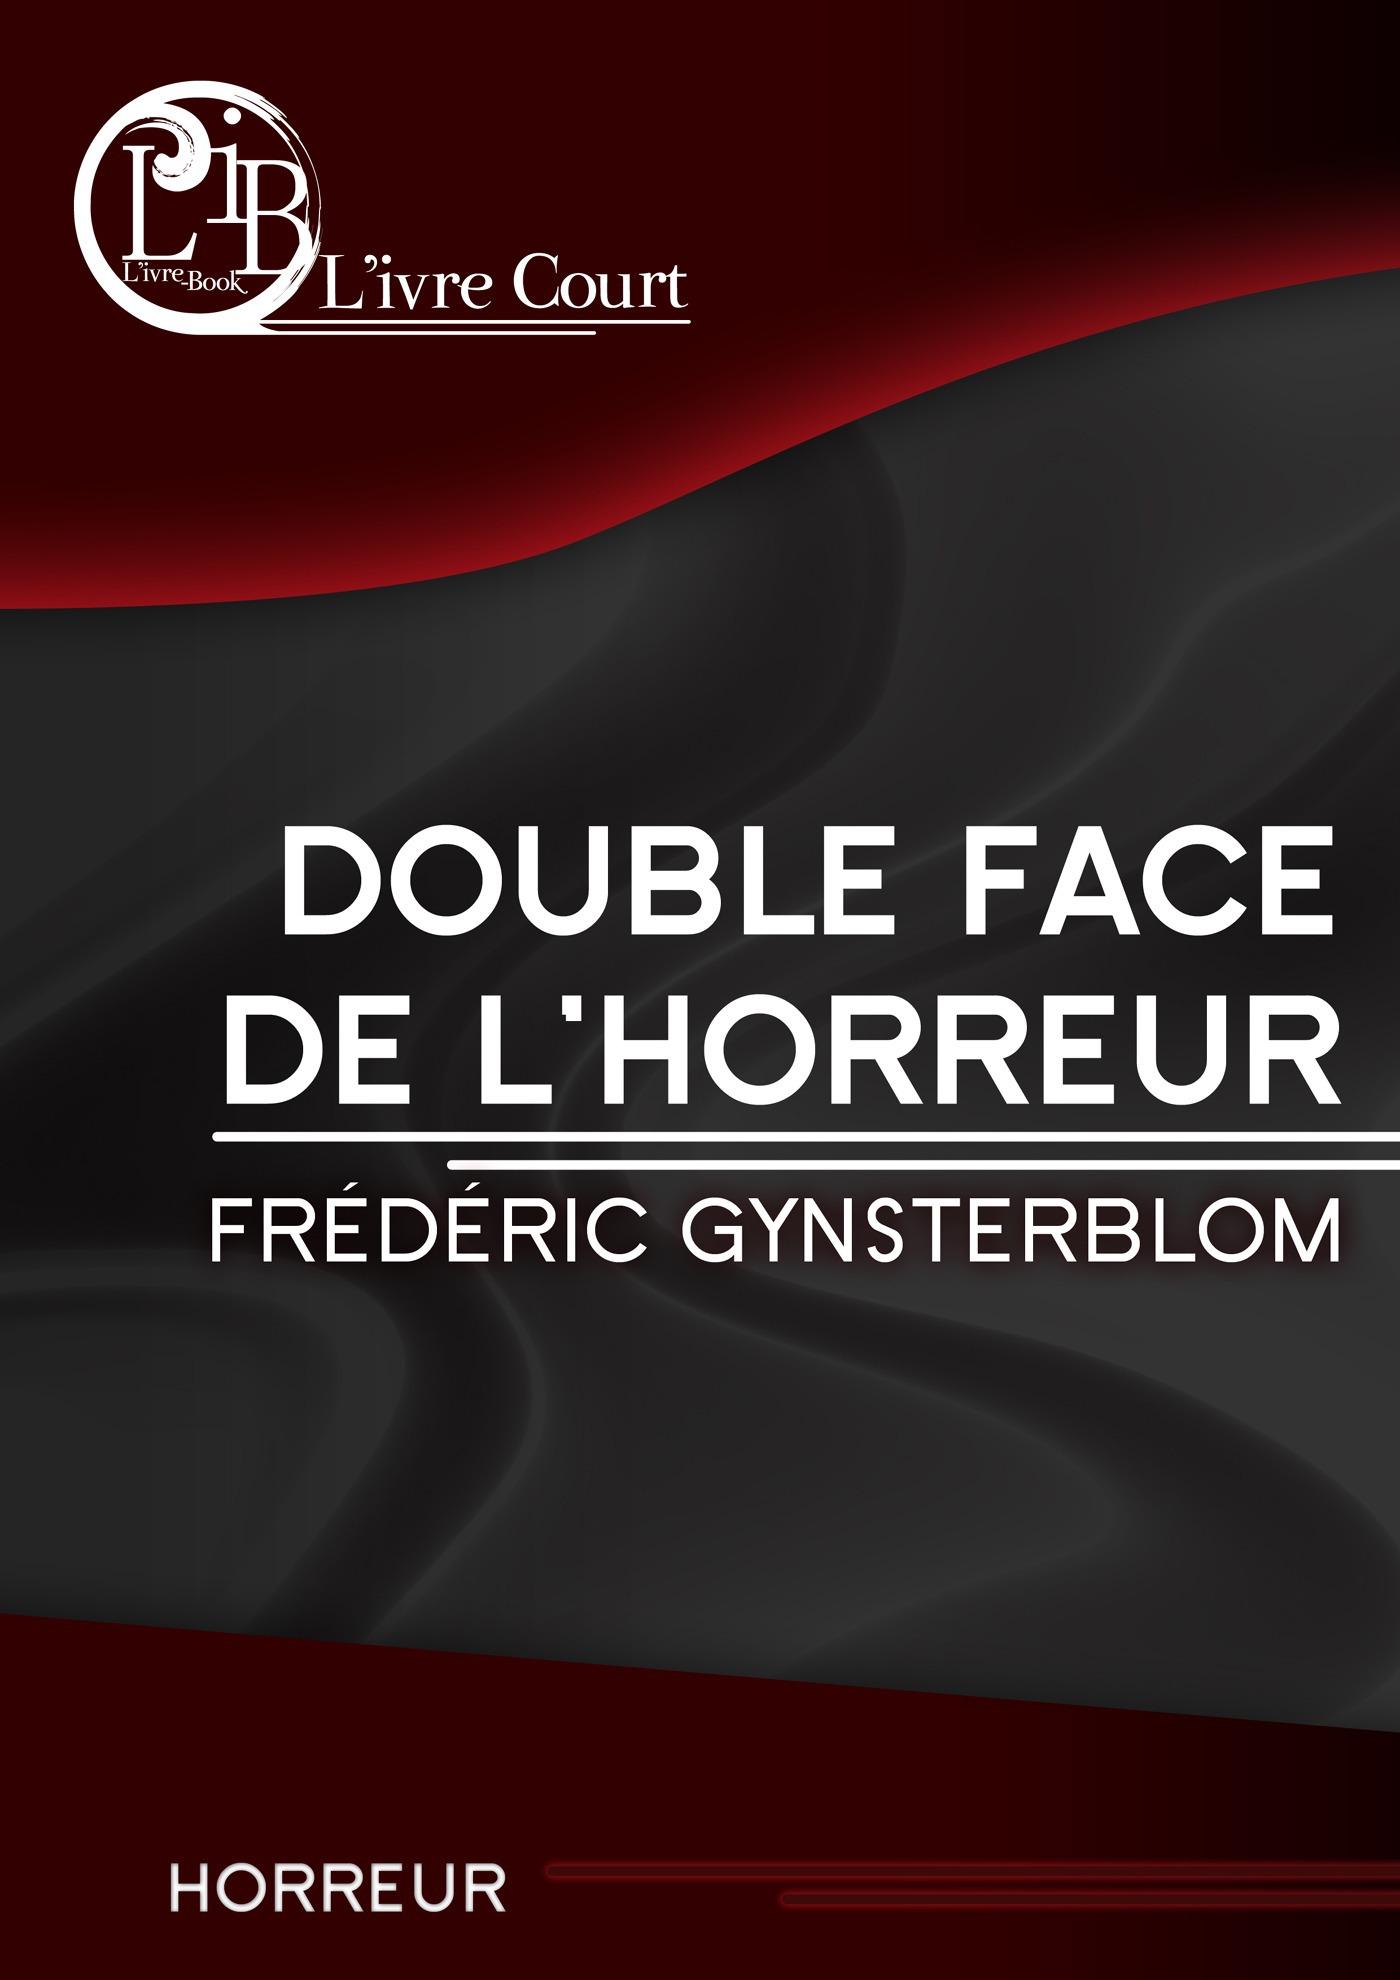 Double face de l'horreur